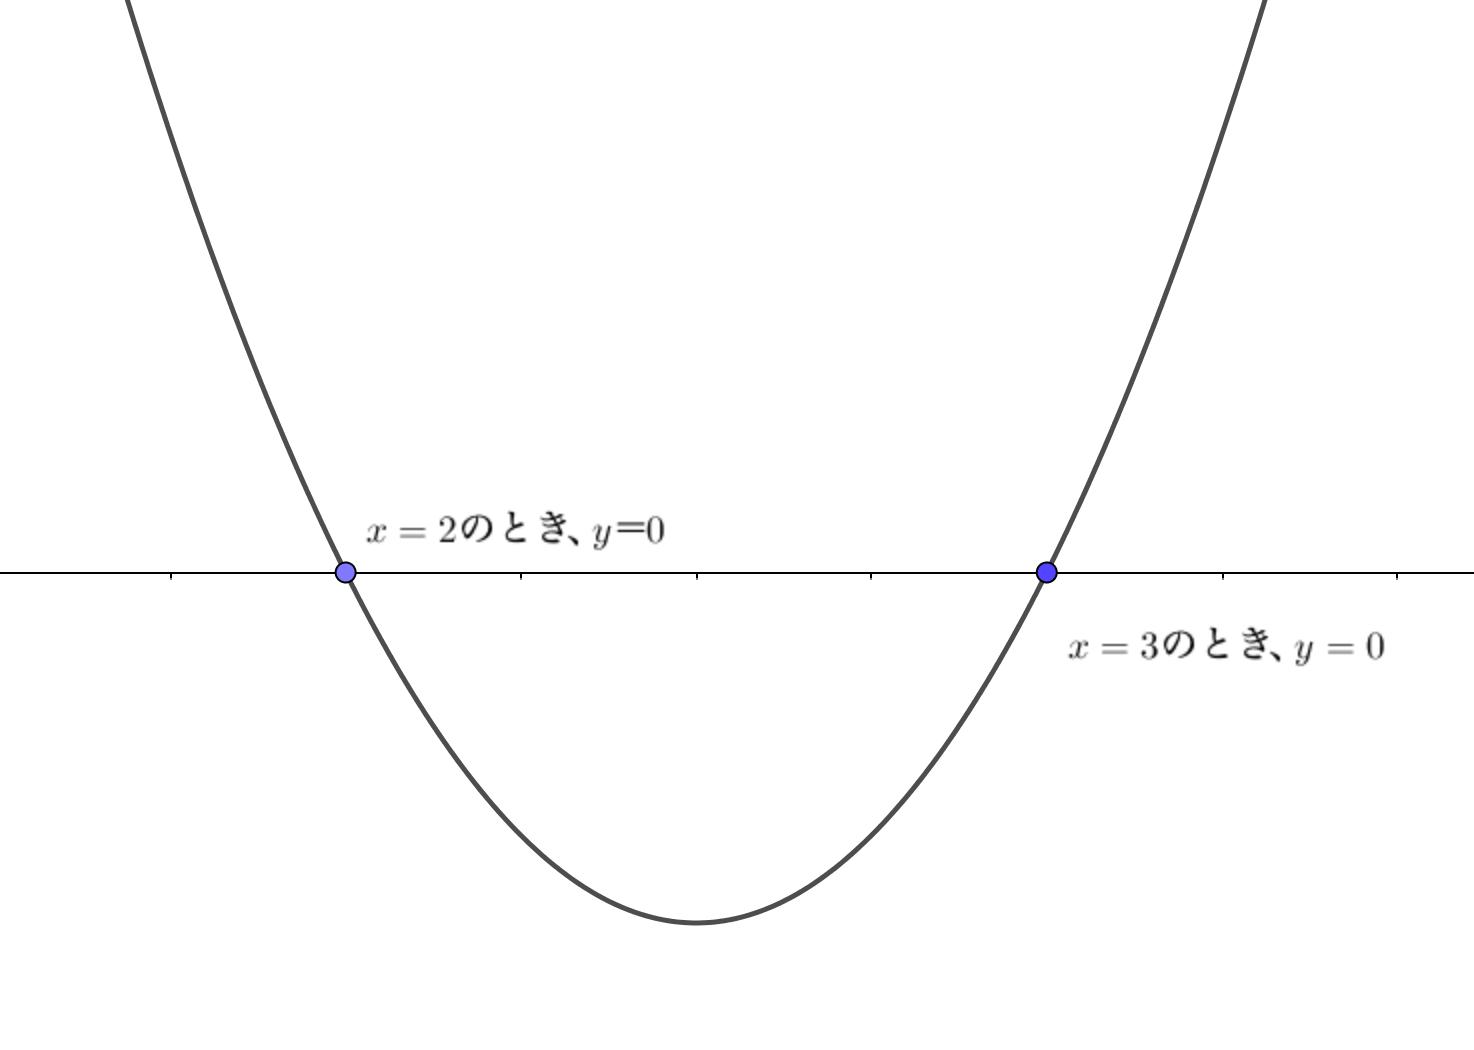 因数分解形にすると、x軸との交点座標がわかる